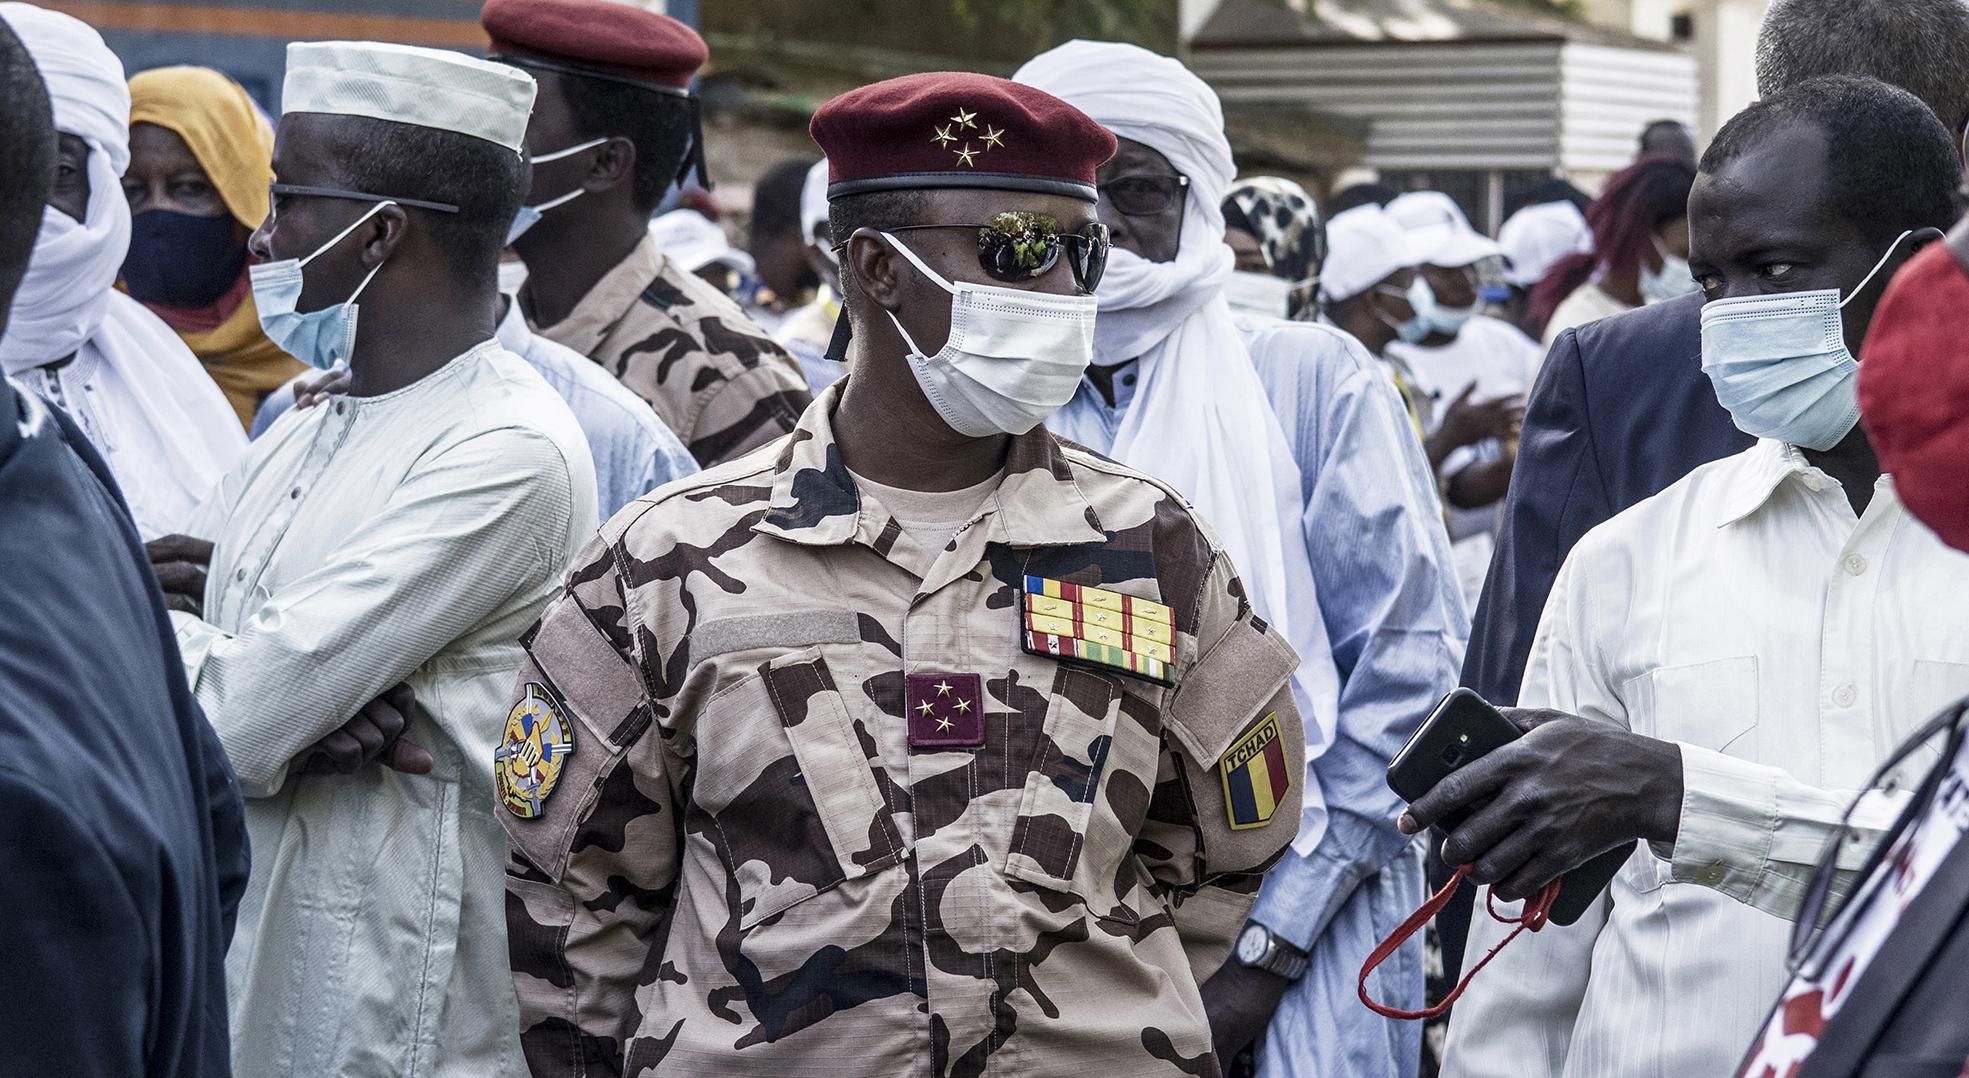 Chef du Conseil militaire de transition (CMT), Mahamat Idriss Déby occupe désormais la fonction de président de la République.